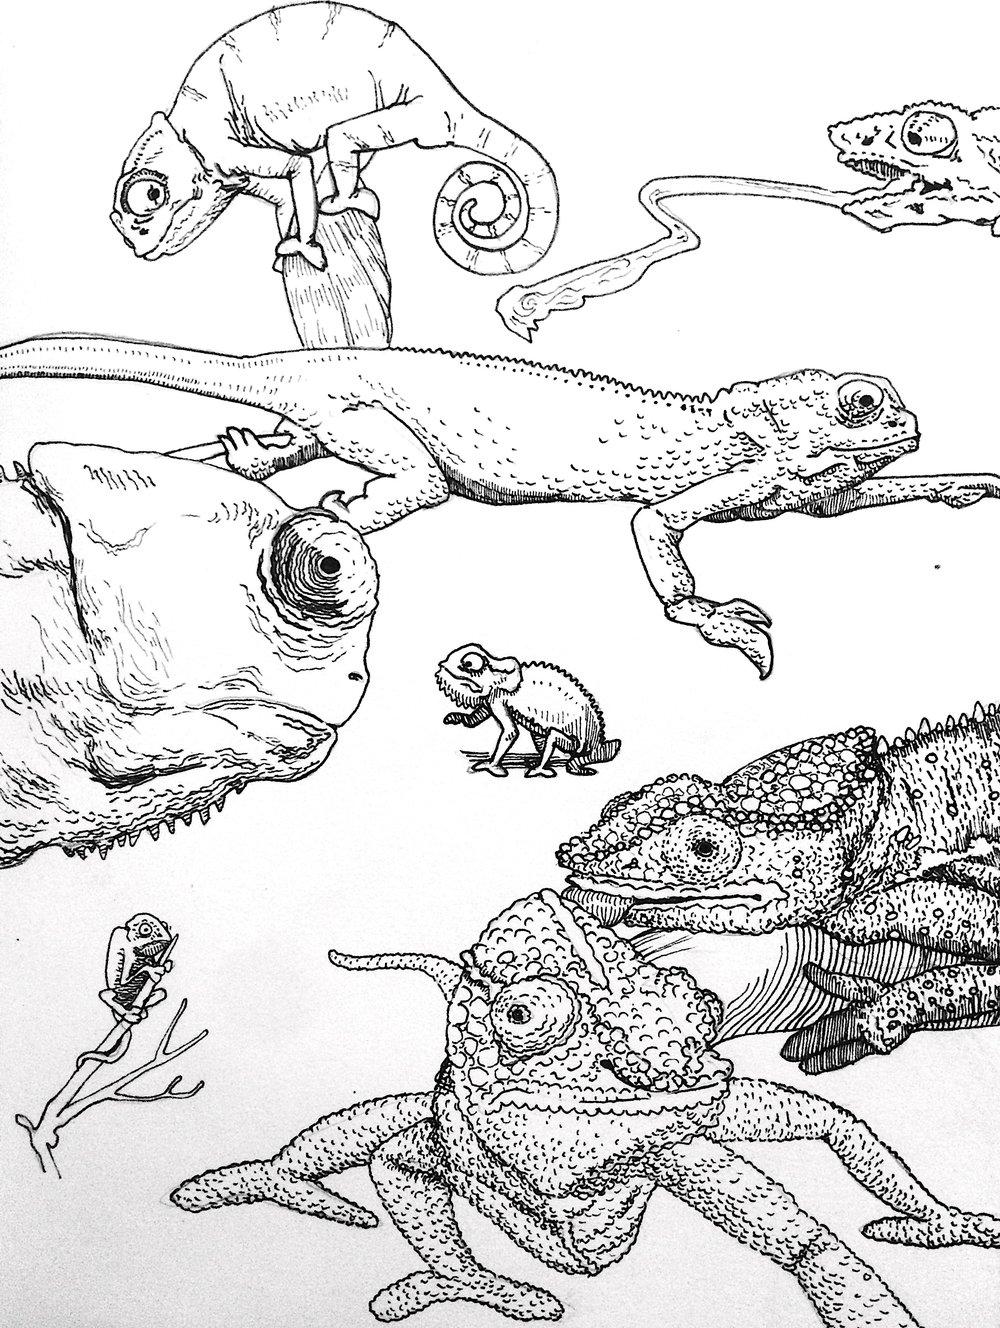 Chameleons Study.jpg